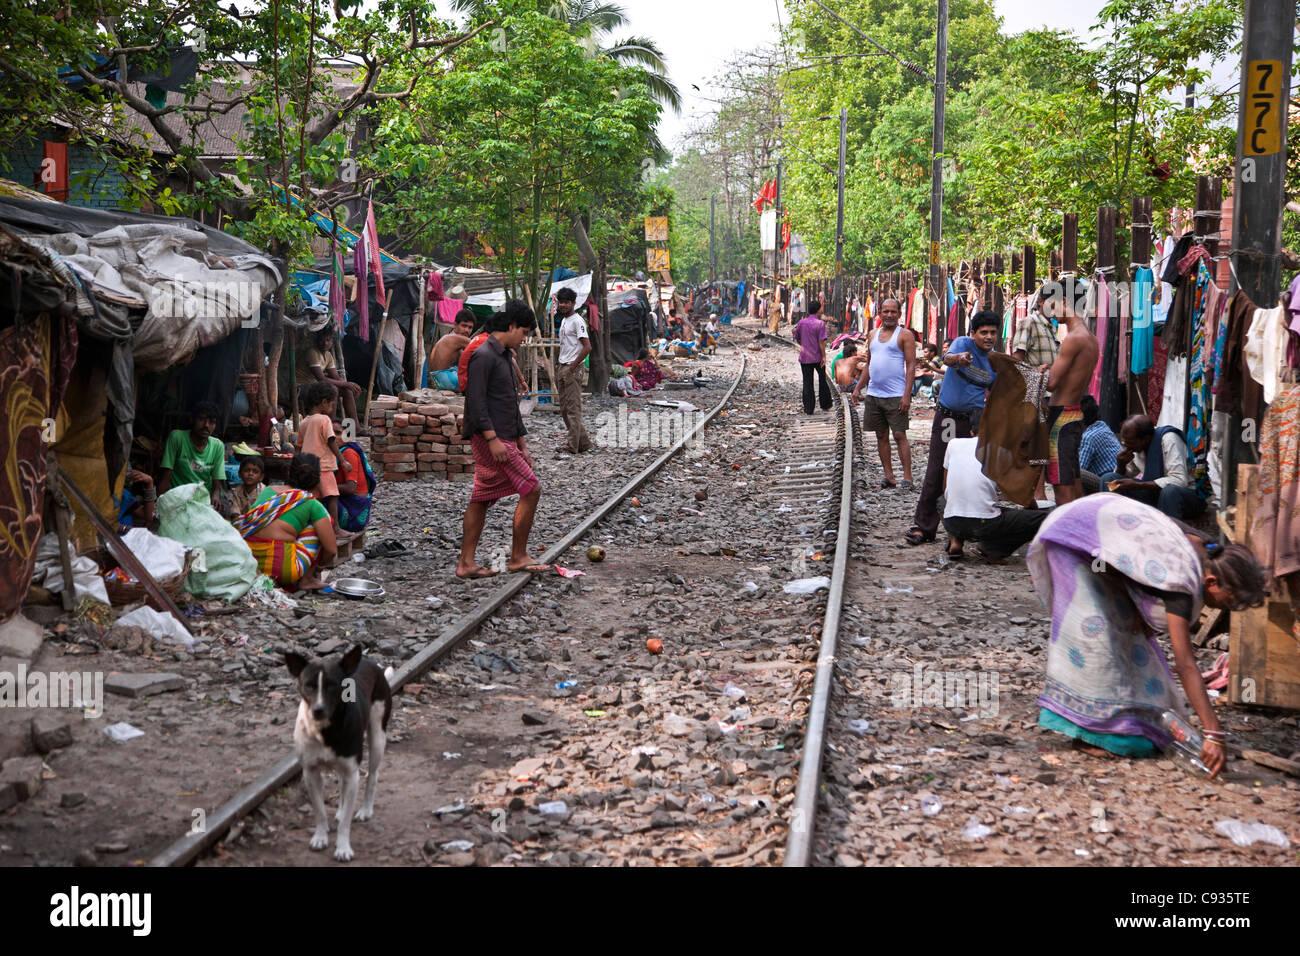 Viele Leben Arme Menschen in Hütten entlang von Bahnlinien am Stadtrand von Kolkata. Stockbild